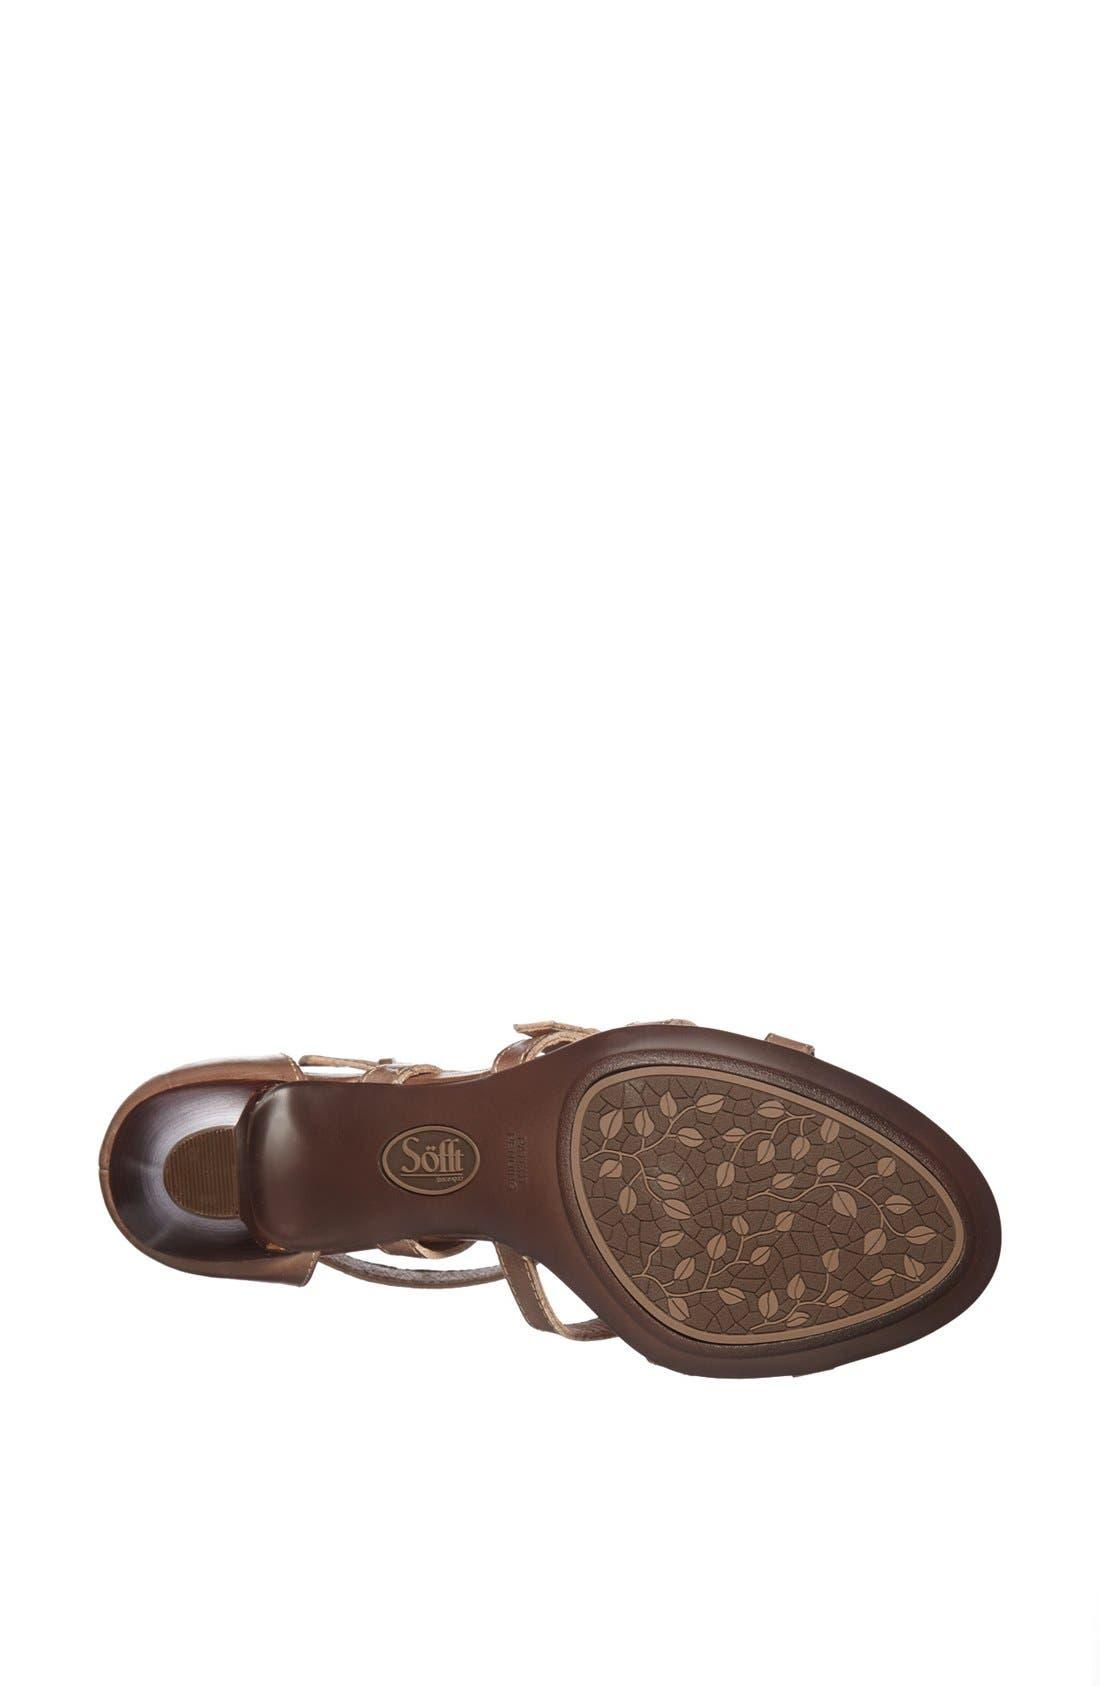 Alternate Image 3  - Söfft 'Solana' Sandal